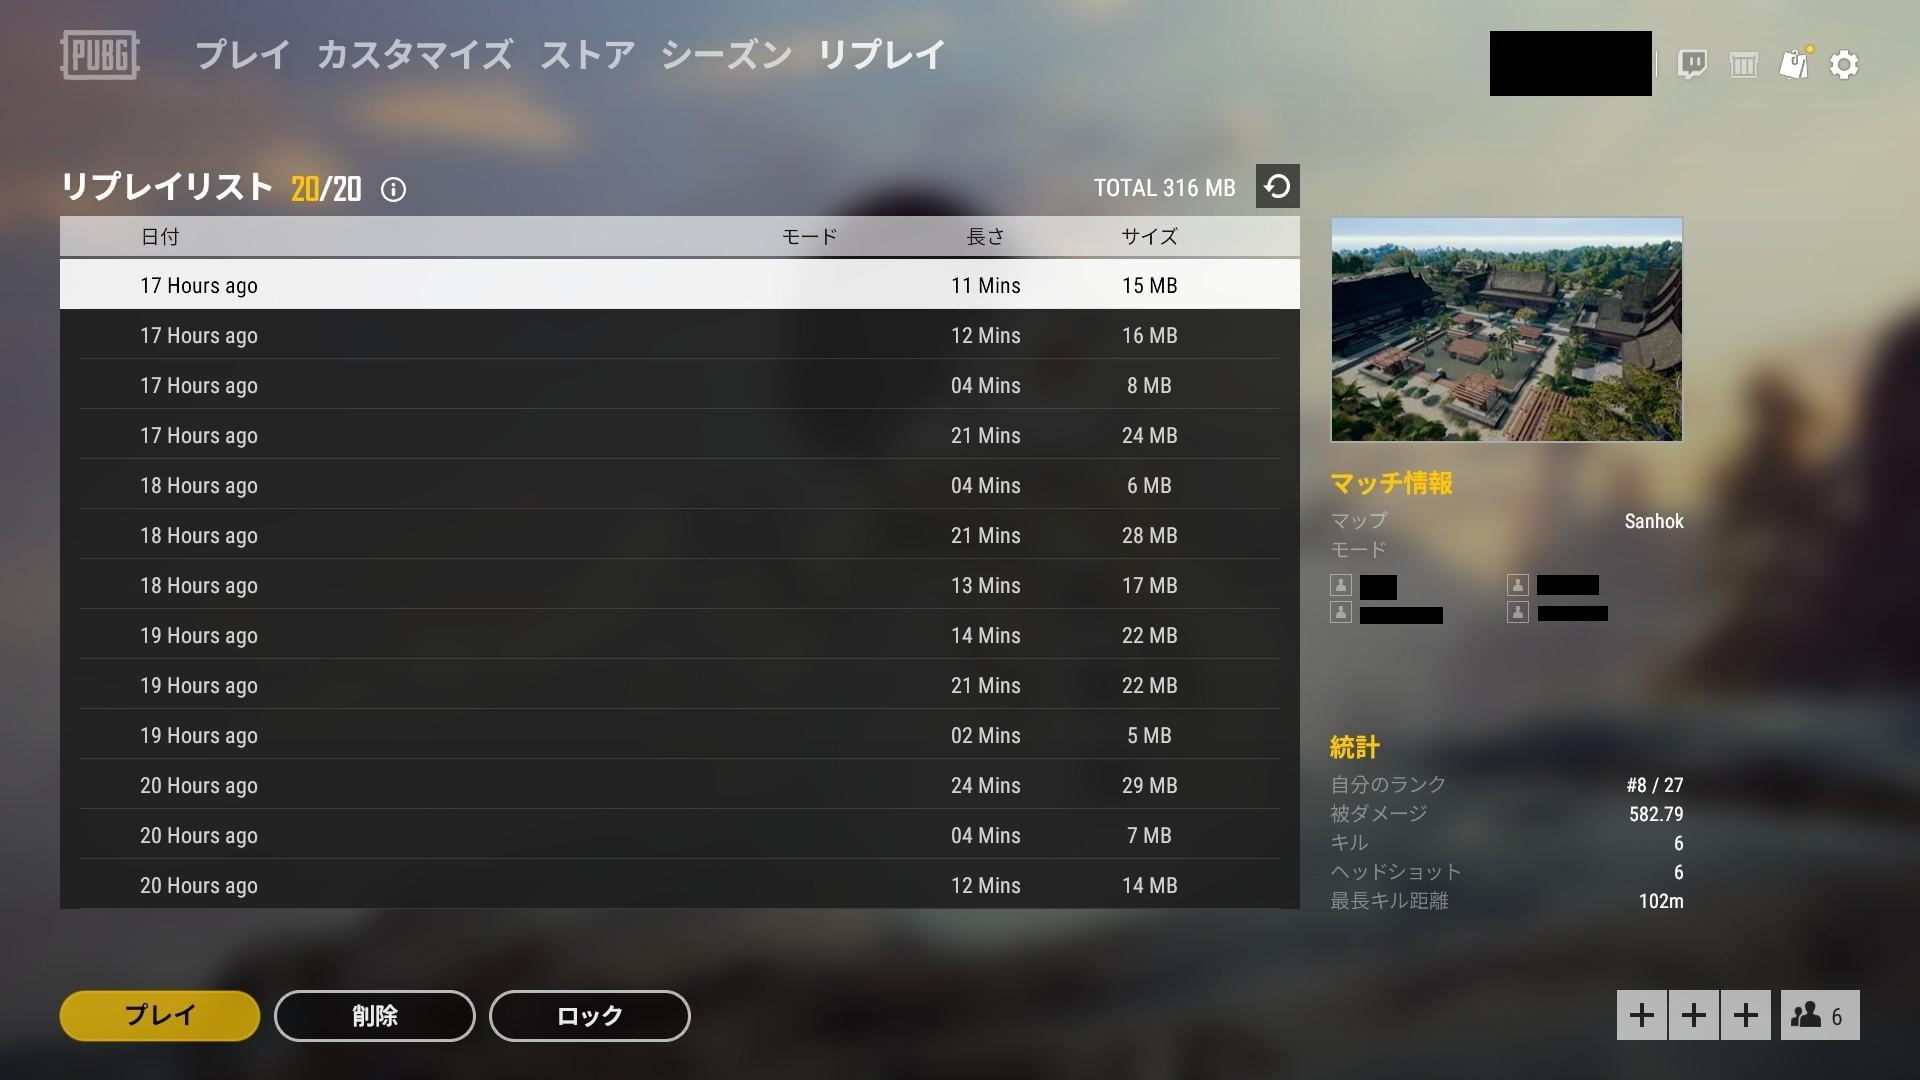 リプレイ機能の画面